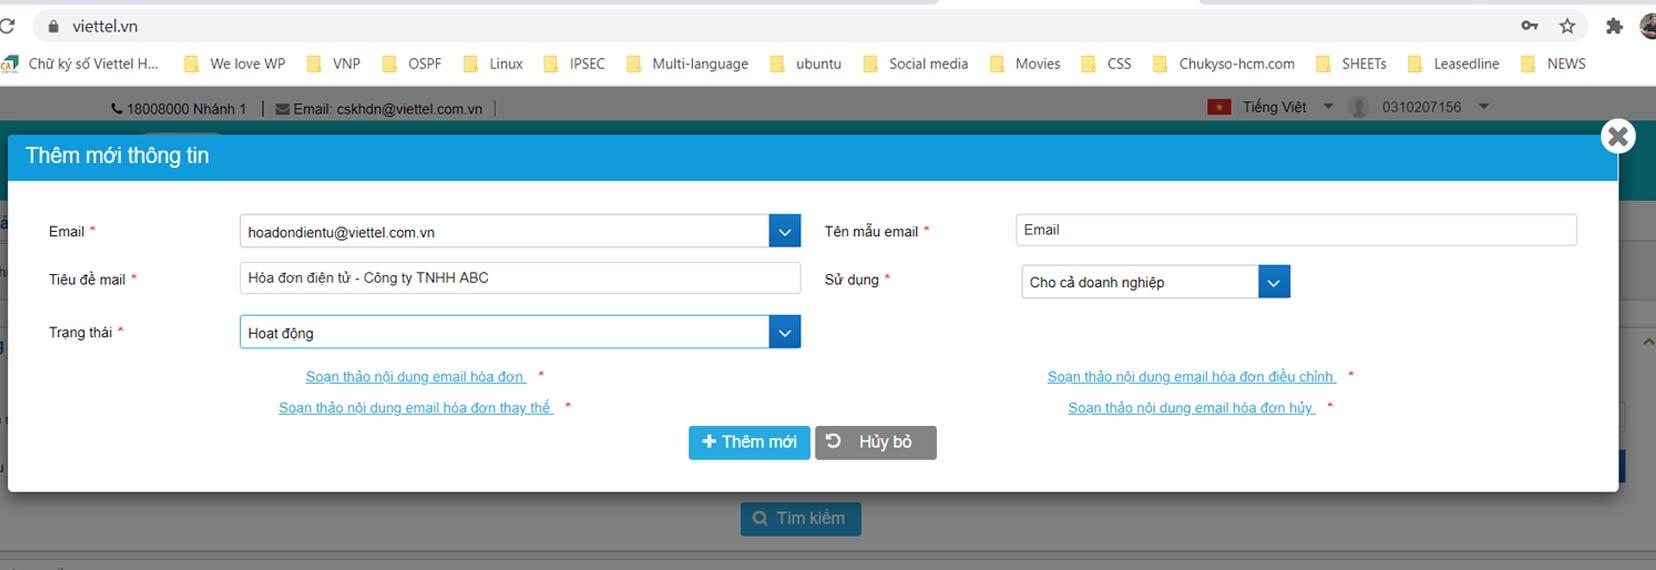 Hình 4 - Thông tin biểu mẫu email (mẫu)